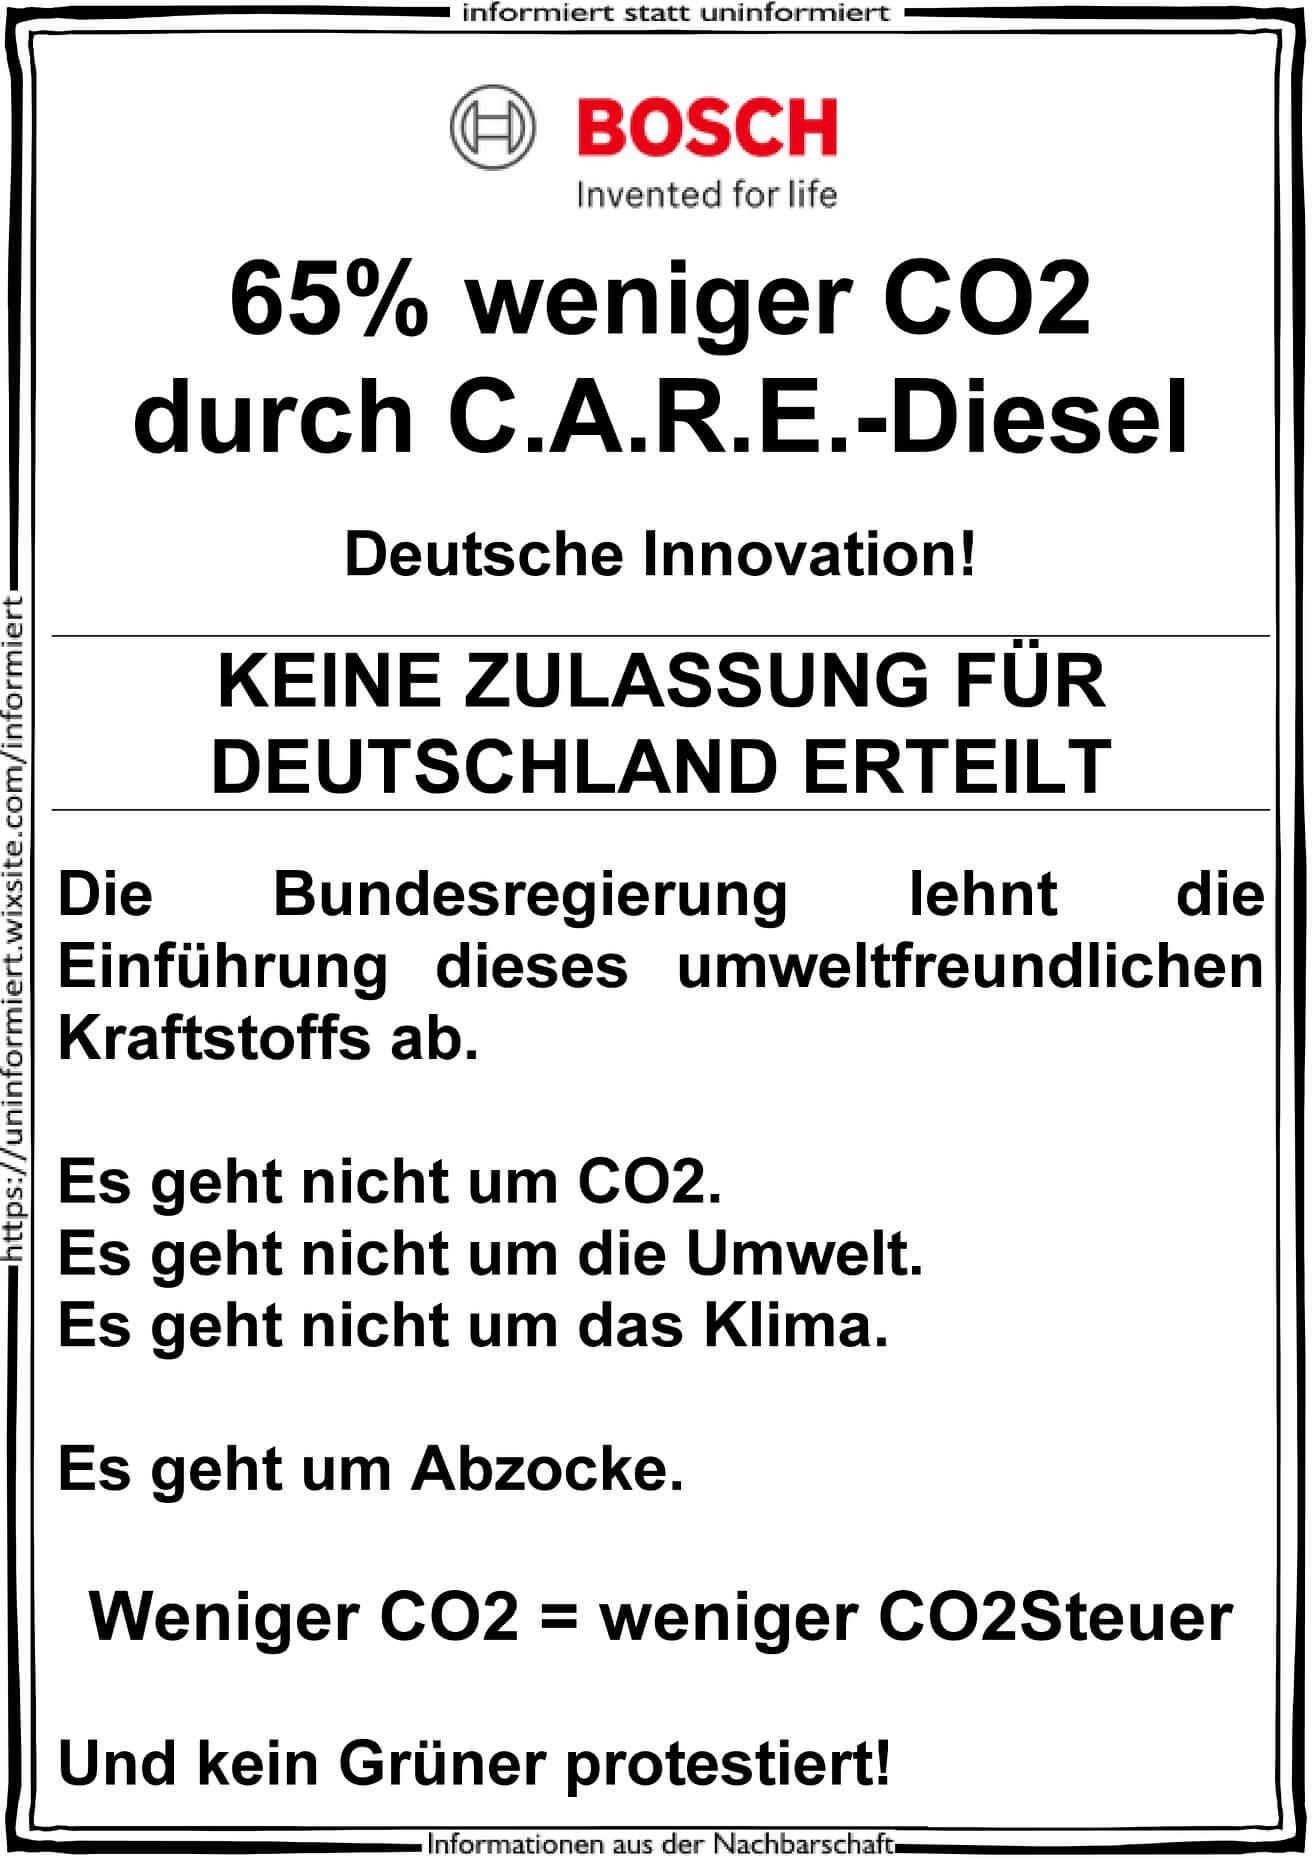 """Nein, """"C.A.R.E.-Diesel"""" ist weder eine """"deutsche Innovation"""", noch wird er von der Bundesregierung abgelehnt"""